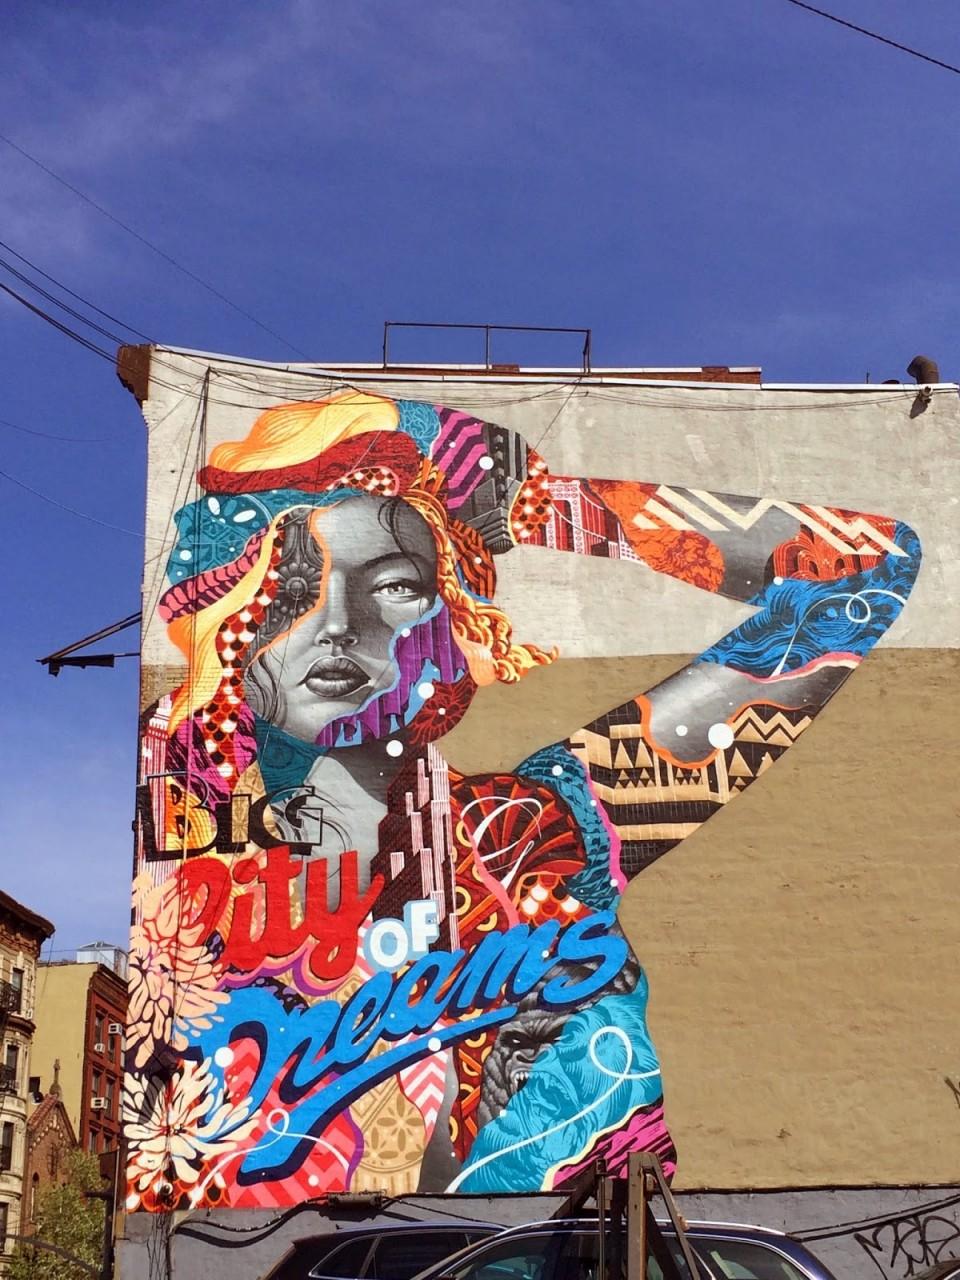 21 потрясающий шедевр стрит-арта со всего мира